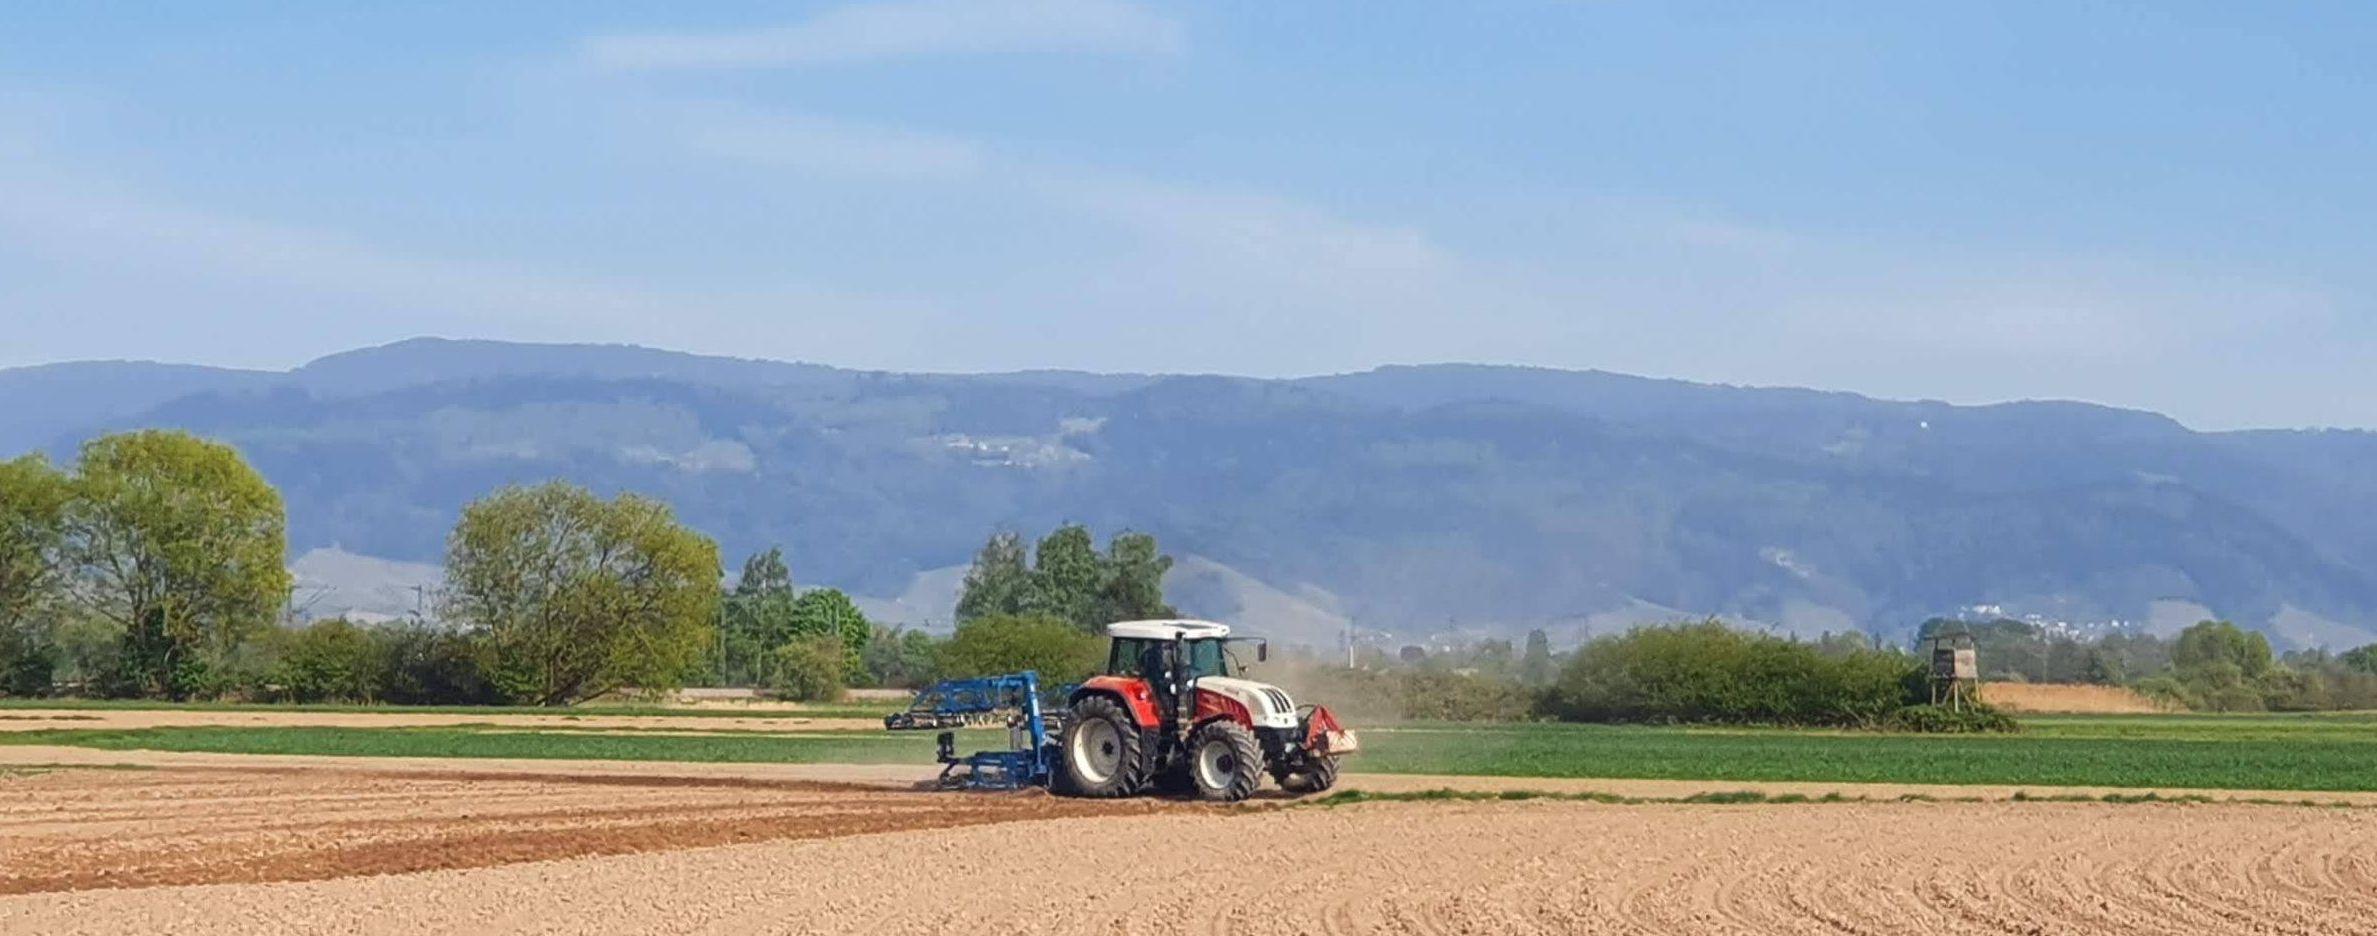 Traktor auf Acker bei Hesselhurst mit Schwarzwald im Hintergrund